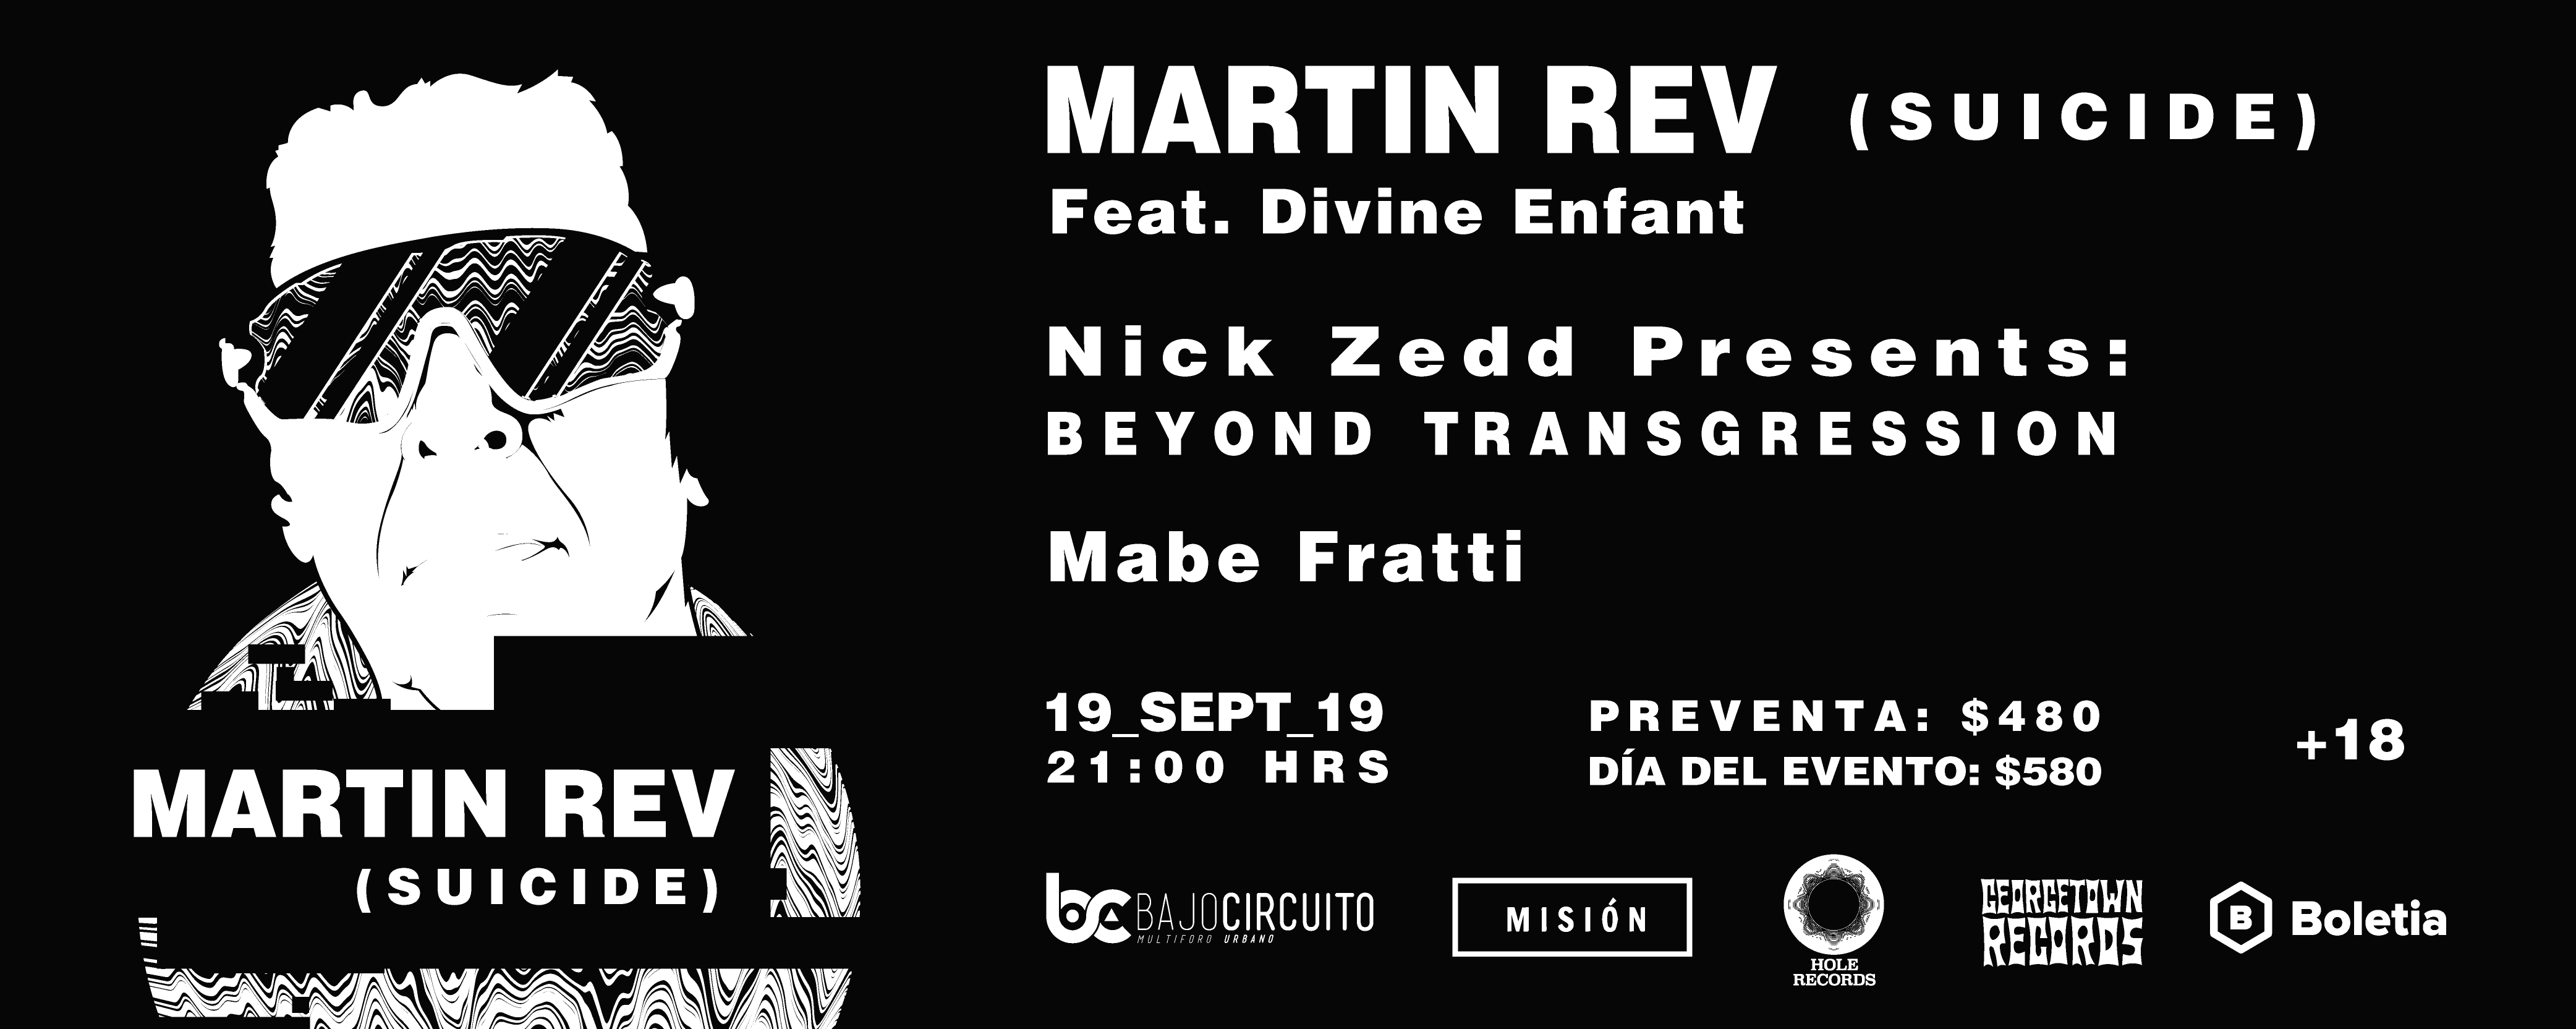 ¡MARTIN REV (SUICIDE) POR PRIMERA VEZ EN MÉXICO!